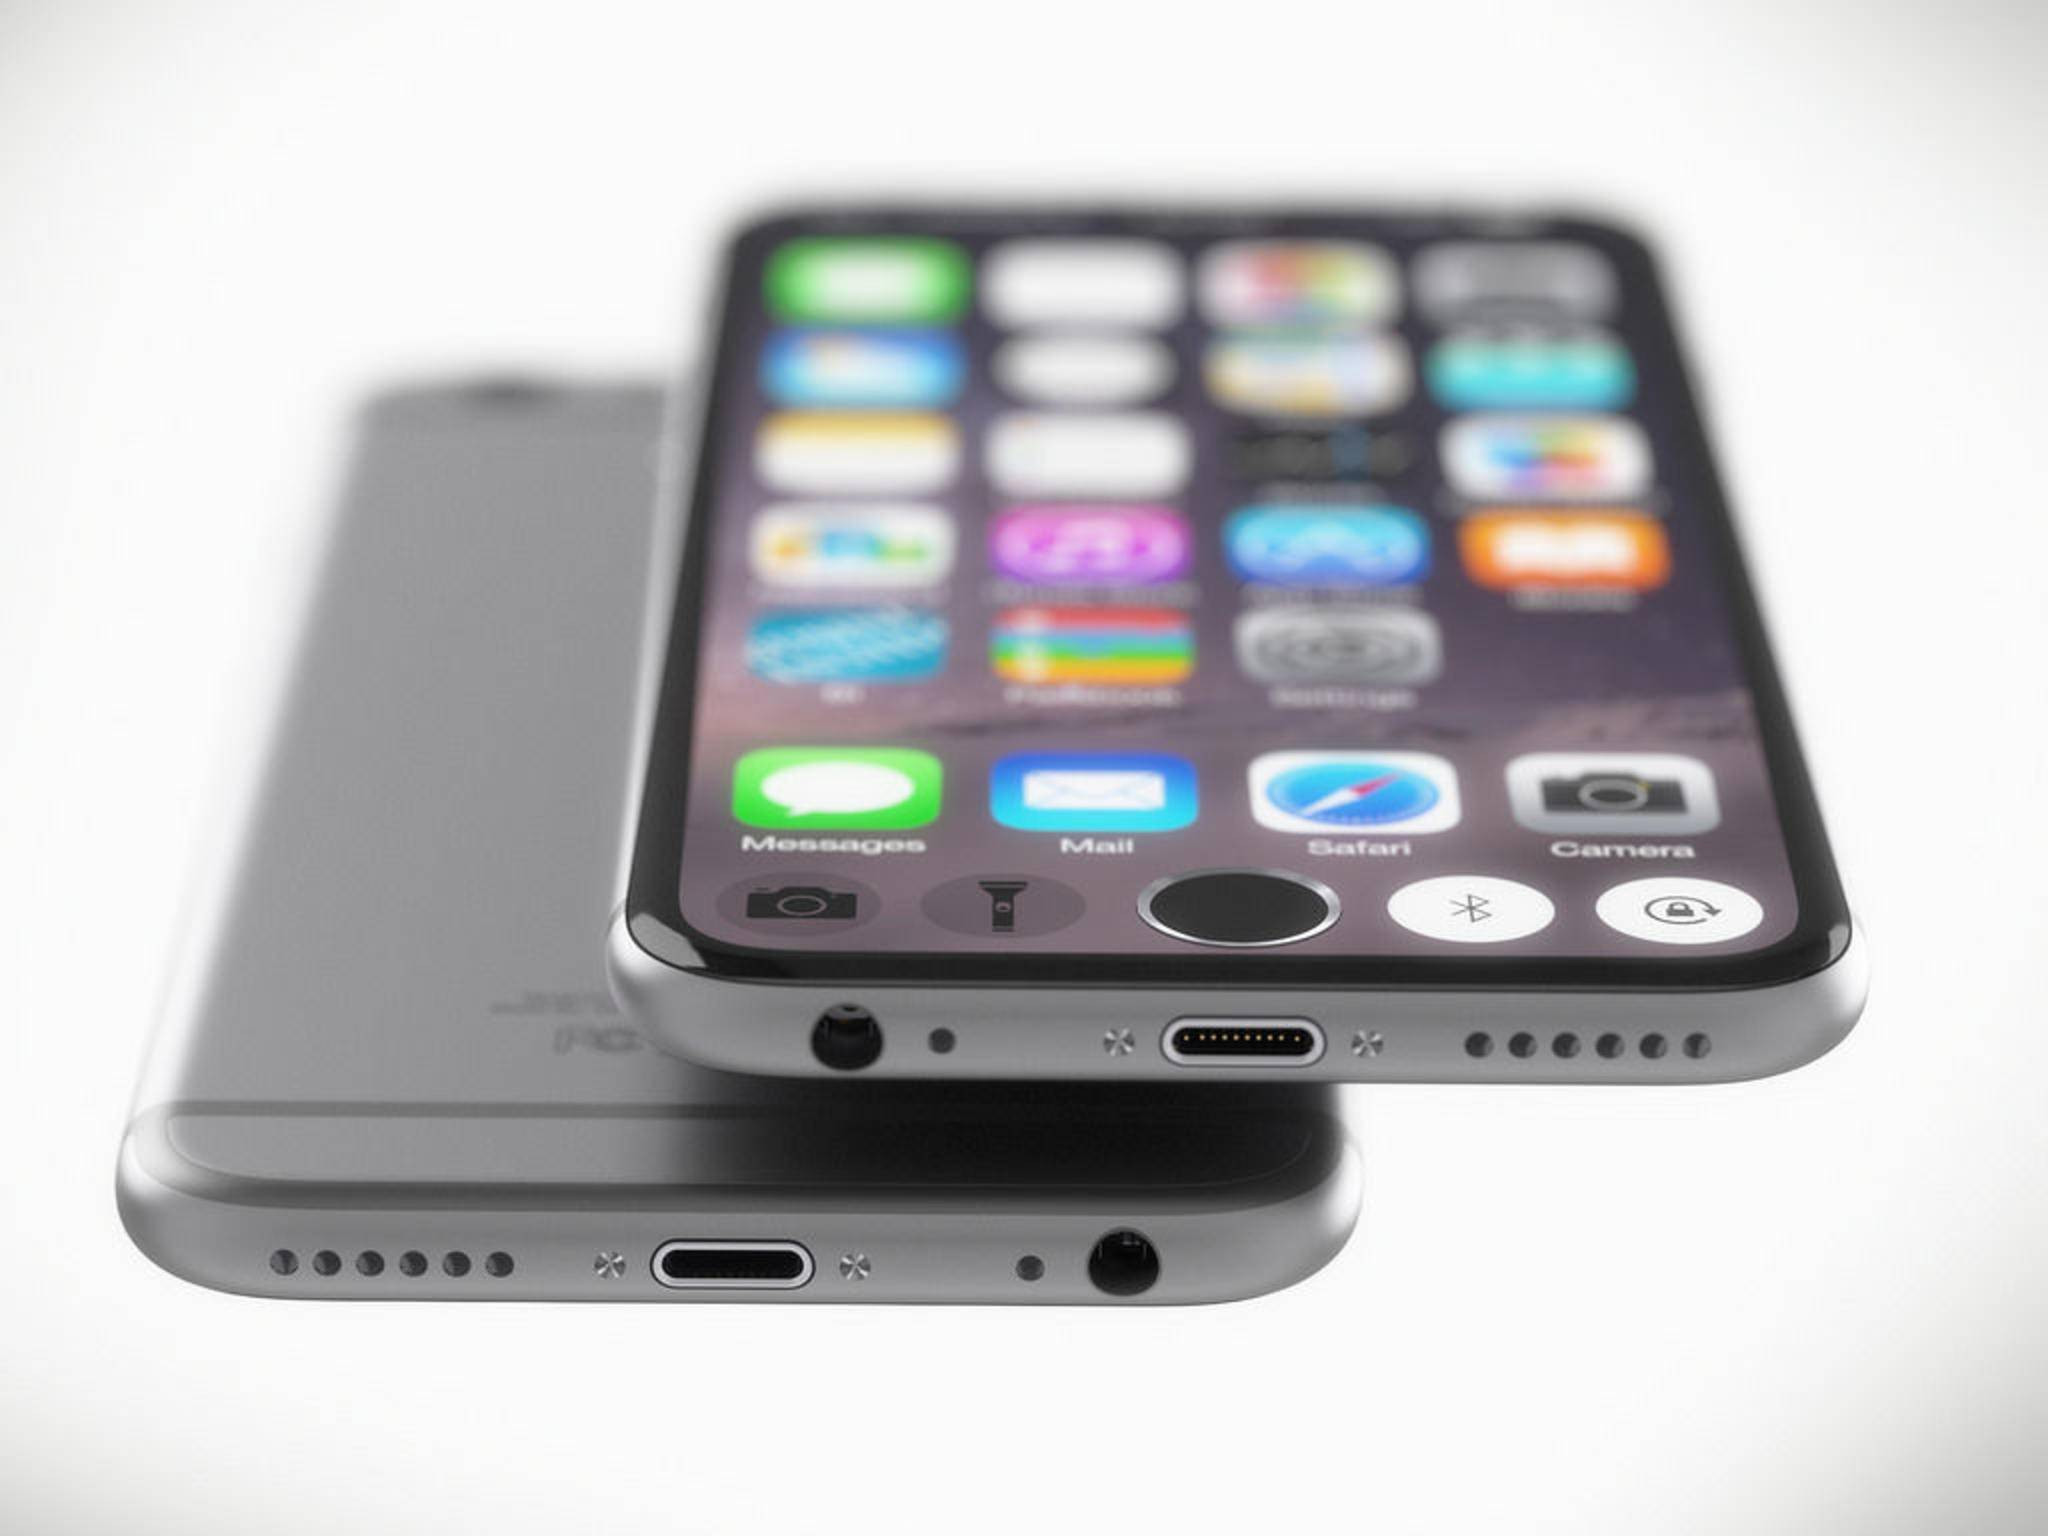 Rutscht die Touch ID beim iPhone 6s vom Home-Button auf das Display?